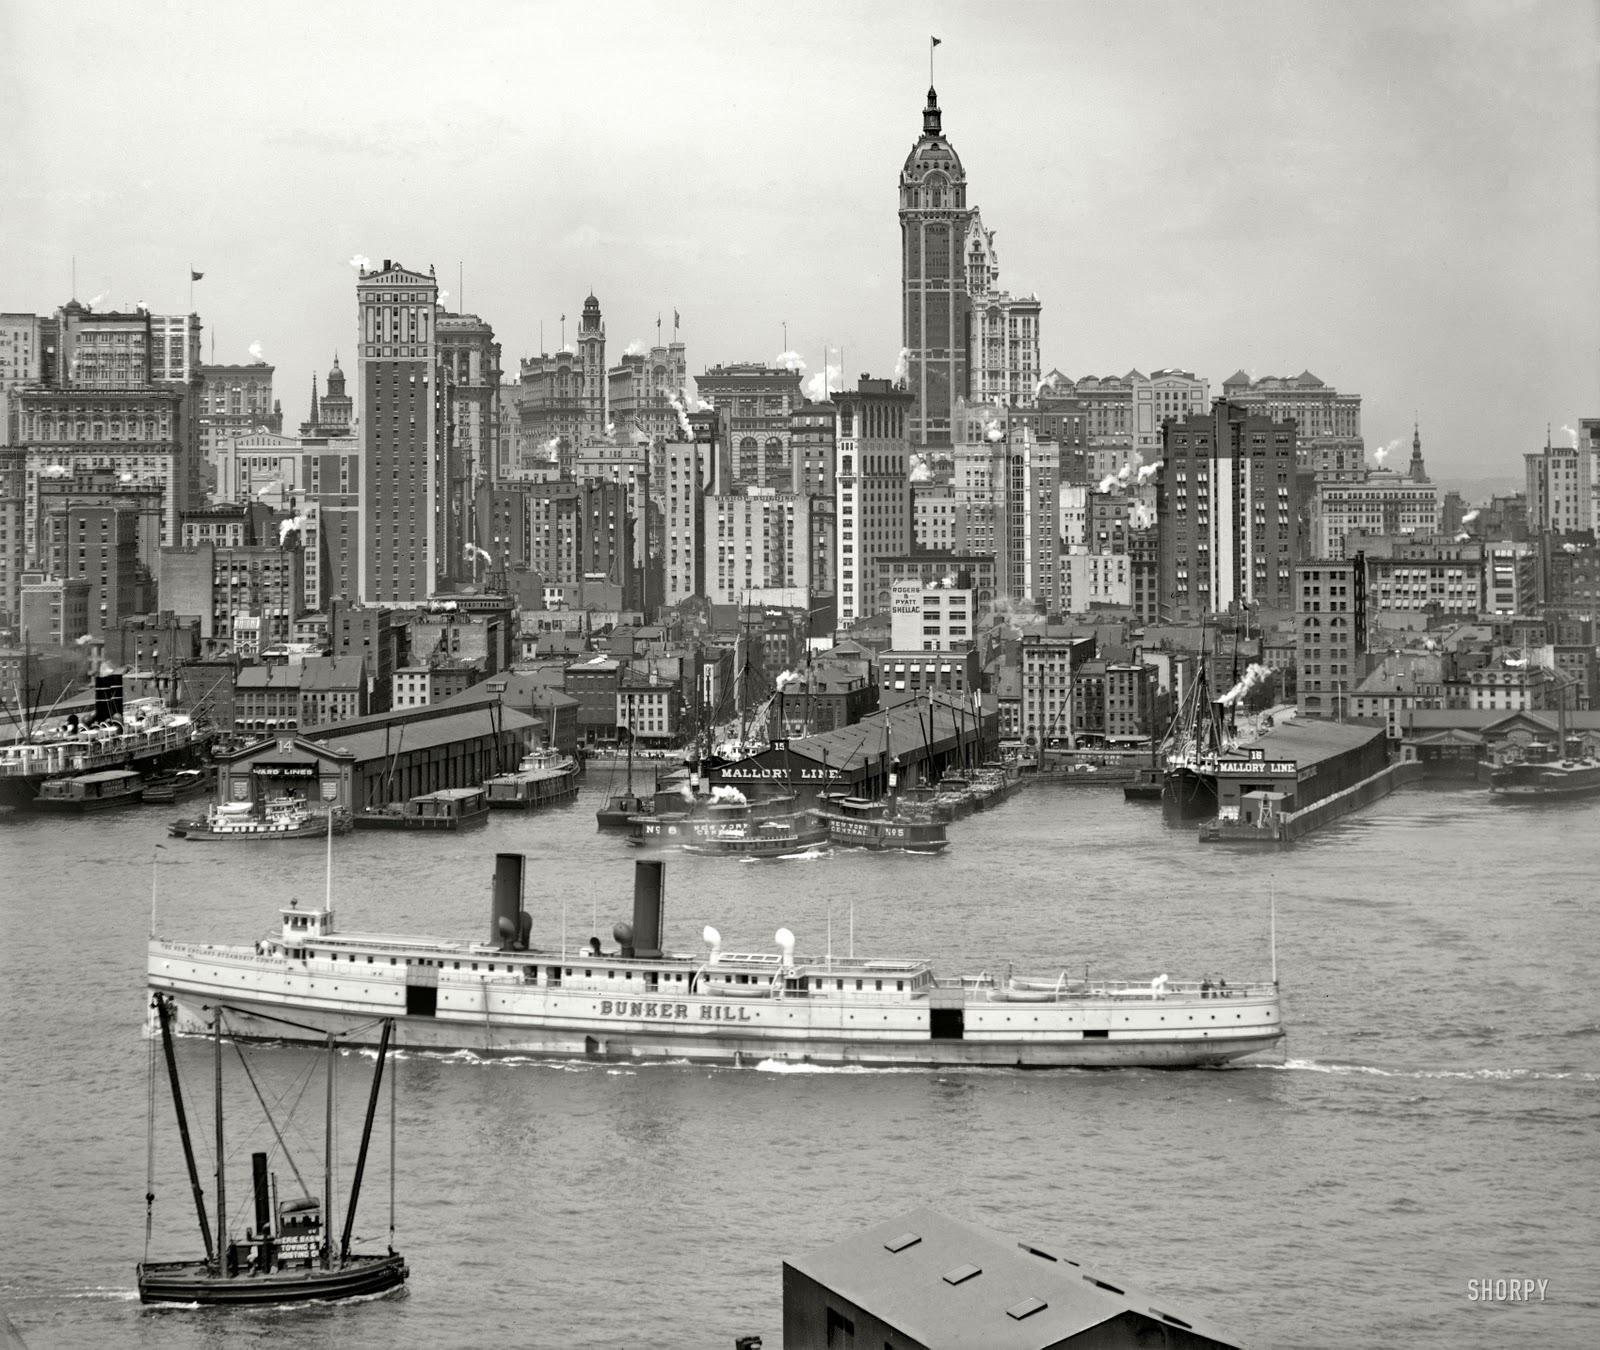 Und Nun Geht Es Wieder In Die Wunderbare Welt Von Shorpy, Der Zeitmaschine,  Mit Der Wir Schon Viele Male In Das Alte New York Gereist Sind.